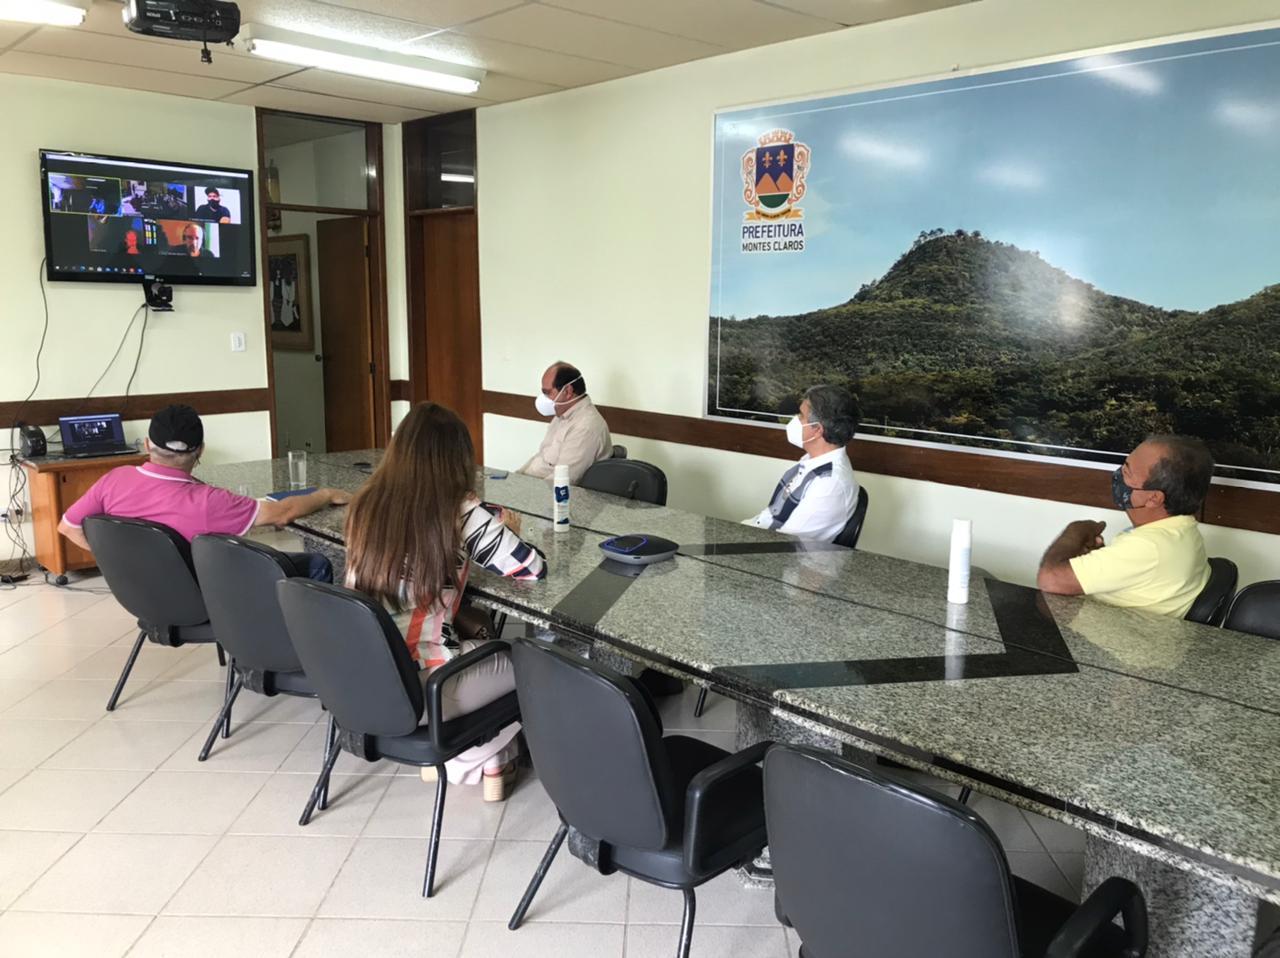 Imagem de destaque R$ 1,5 MILHÃO - Prefeitura fecha convênio para revitalizar a Lagoa do Interlagos